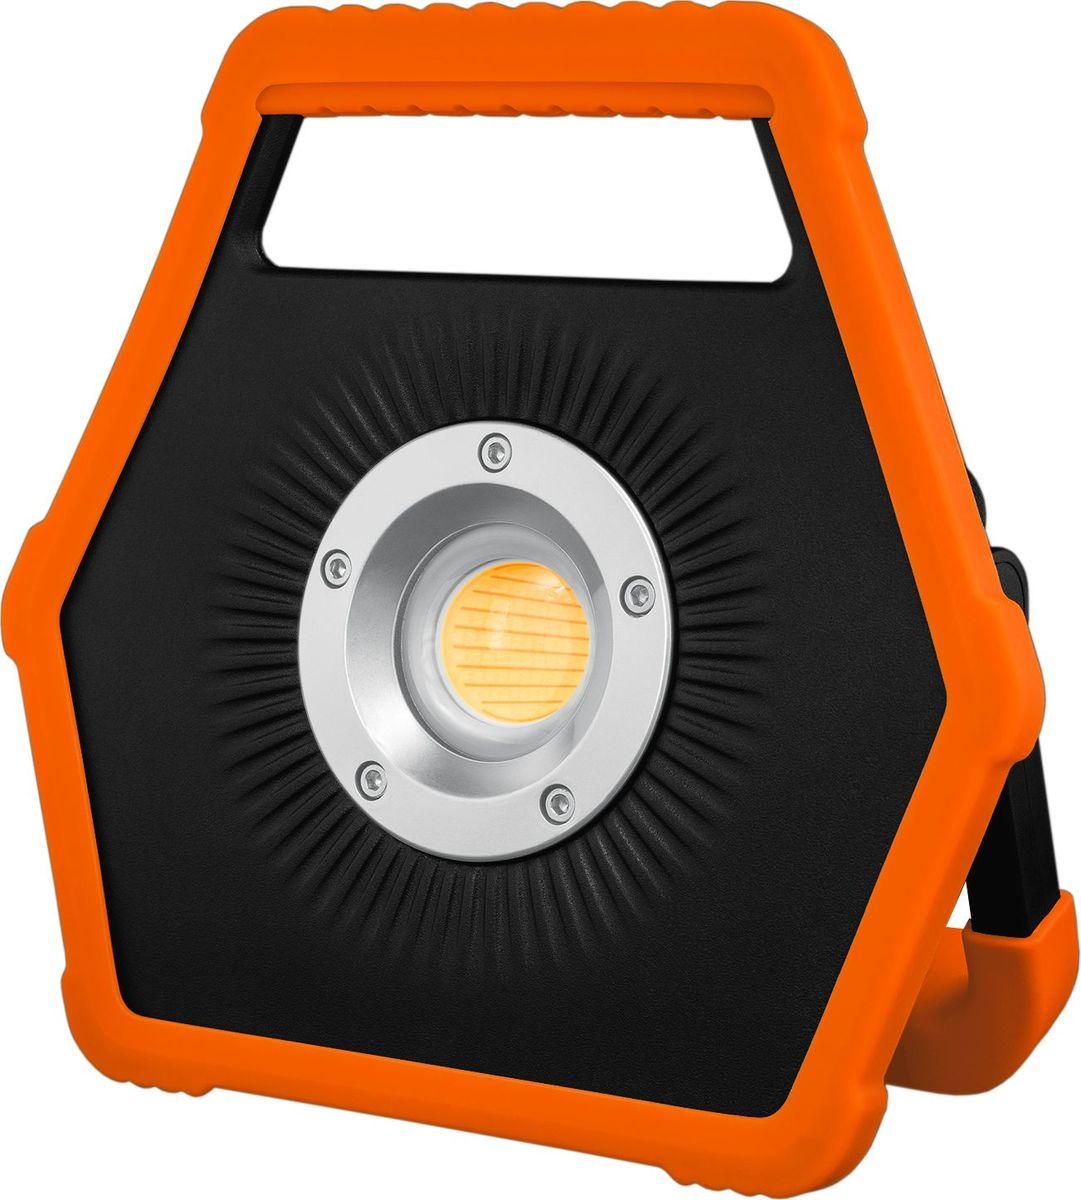 Прожектор Яркий луч Dragon. A-804606400001423Переносной аккумуляторный фонарь Яркий луч Dragon. A-80. Мощный современный светодиод 30 Вт 2600 лм обеспечит мягким заливным светом. Фонарь работает от встроенного литий-ионного аккумулятора емкостью 5200 мАч 7.4 В. Время зарядки составит 4.5 часов (адаптер в комплекте).На задней панели присутствует светодиодная индикация уровня заряда аккумулятора (уменьшение количества синих сегментов говорит о понижении уровня заряда).Есть возможность подзарядки электронных устройств (телефоны, смартфоны, планшеты, книги и пр.) от аккумулятора фонаря, т.е. функция power bank. Для этого на задней панели встроен разъем USB (USB-кабель в комплекте).Очень удобная обрезиненная эргономичная ручка для переноски. Не скользит в мокрых руках.Большой конструктивный плюс - поворотная упорная ручка, которой можно задать определенный угол, вследствие чего фонарь располагается на горизонтальной поверхности под нужным углом (поворот ручки в пределах 0 - 180°). Режимы работы:сильный - 2600 лм (100%), 3 ч работы; слабый - 900 лм (30%), 6 ч работы.В комплект входит USB-кабель и адаптер для работы от сети (12 В 1.5 А).